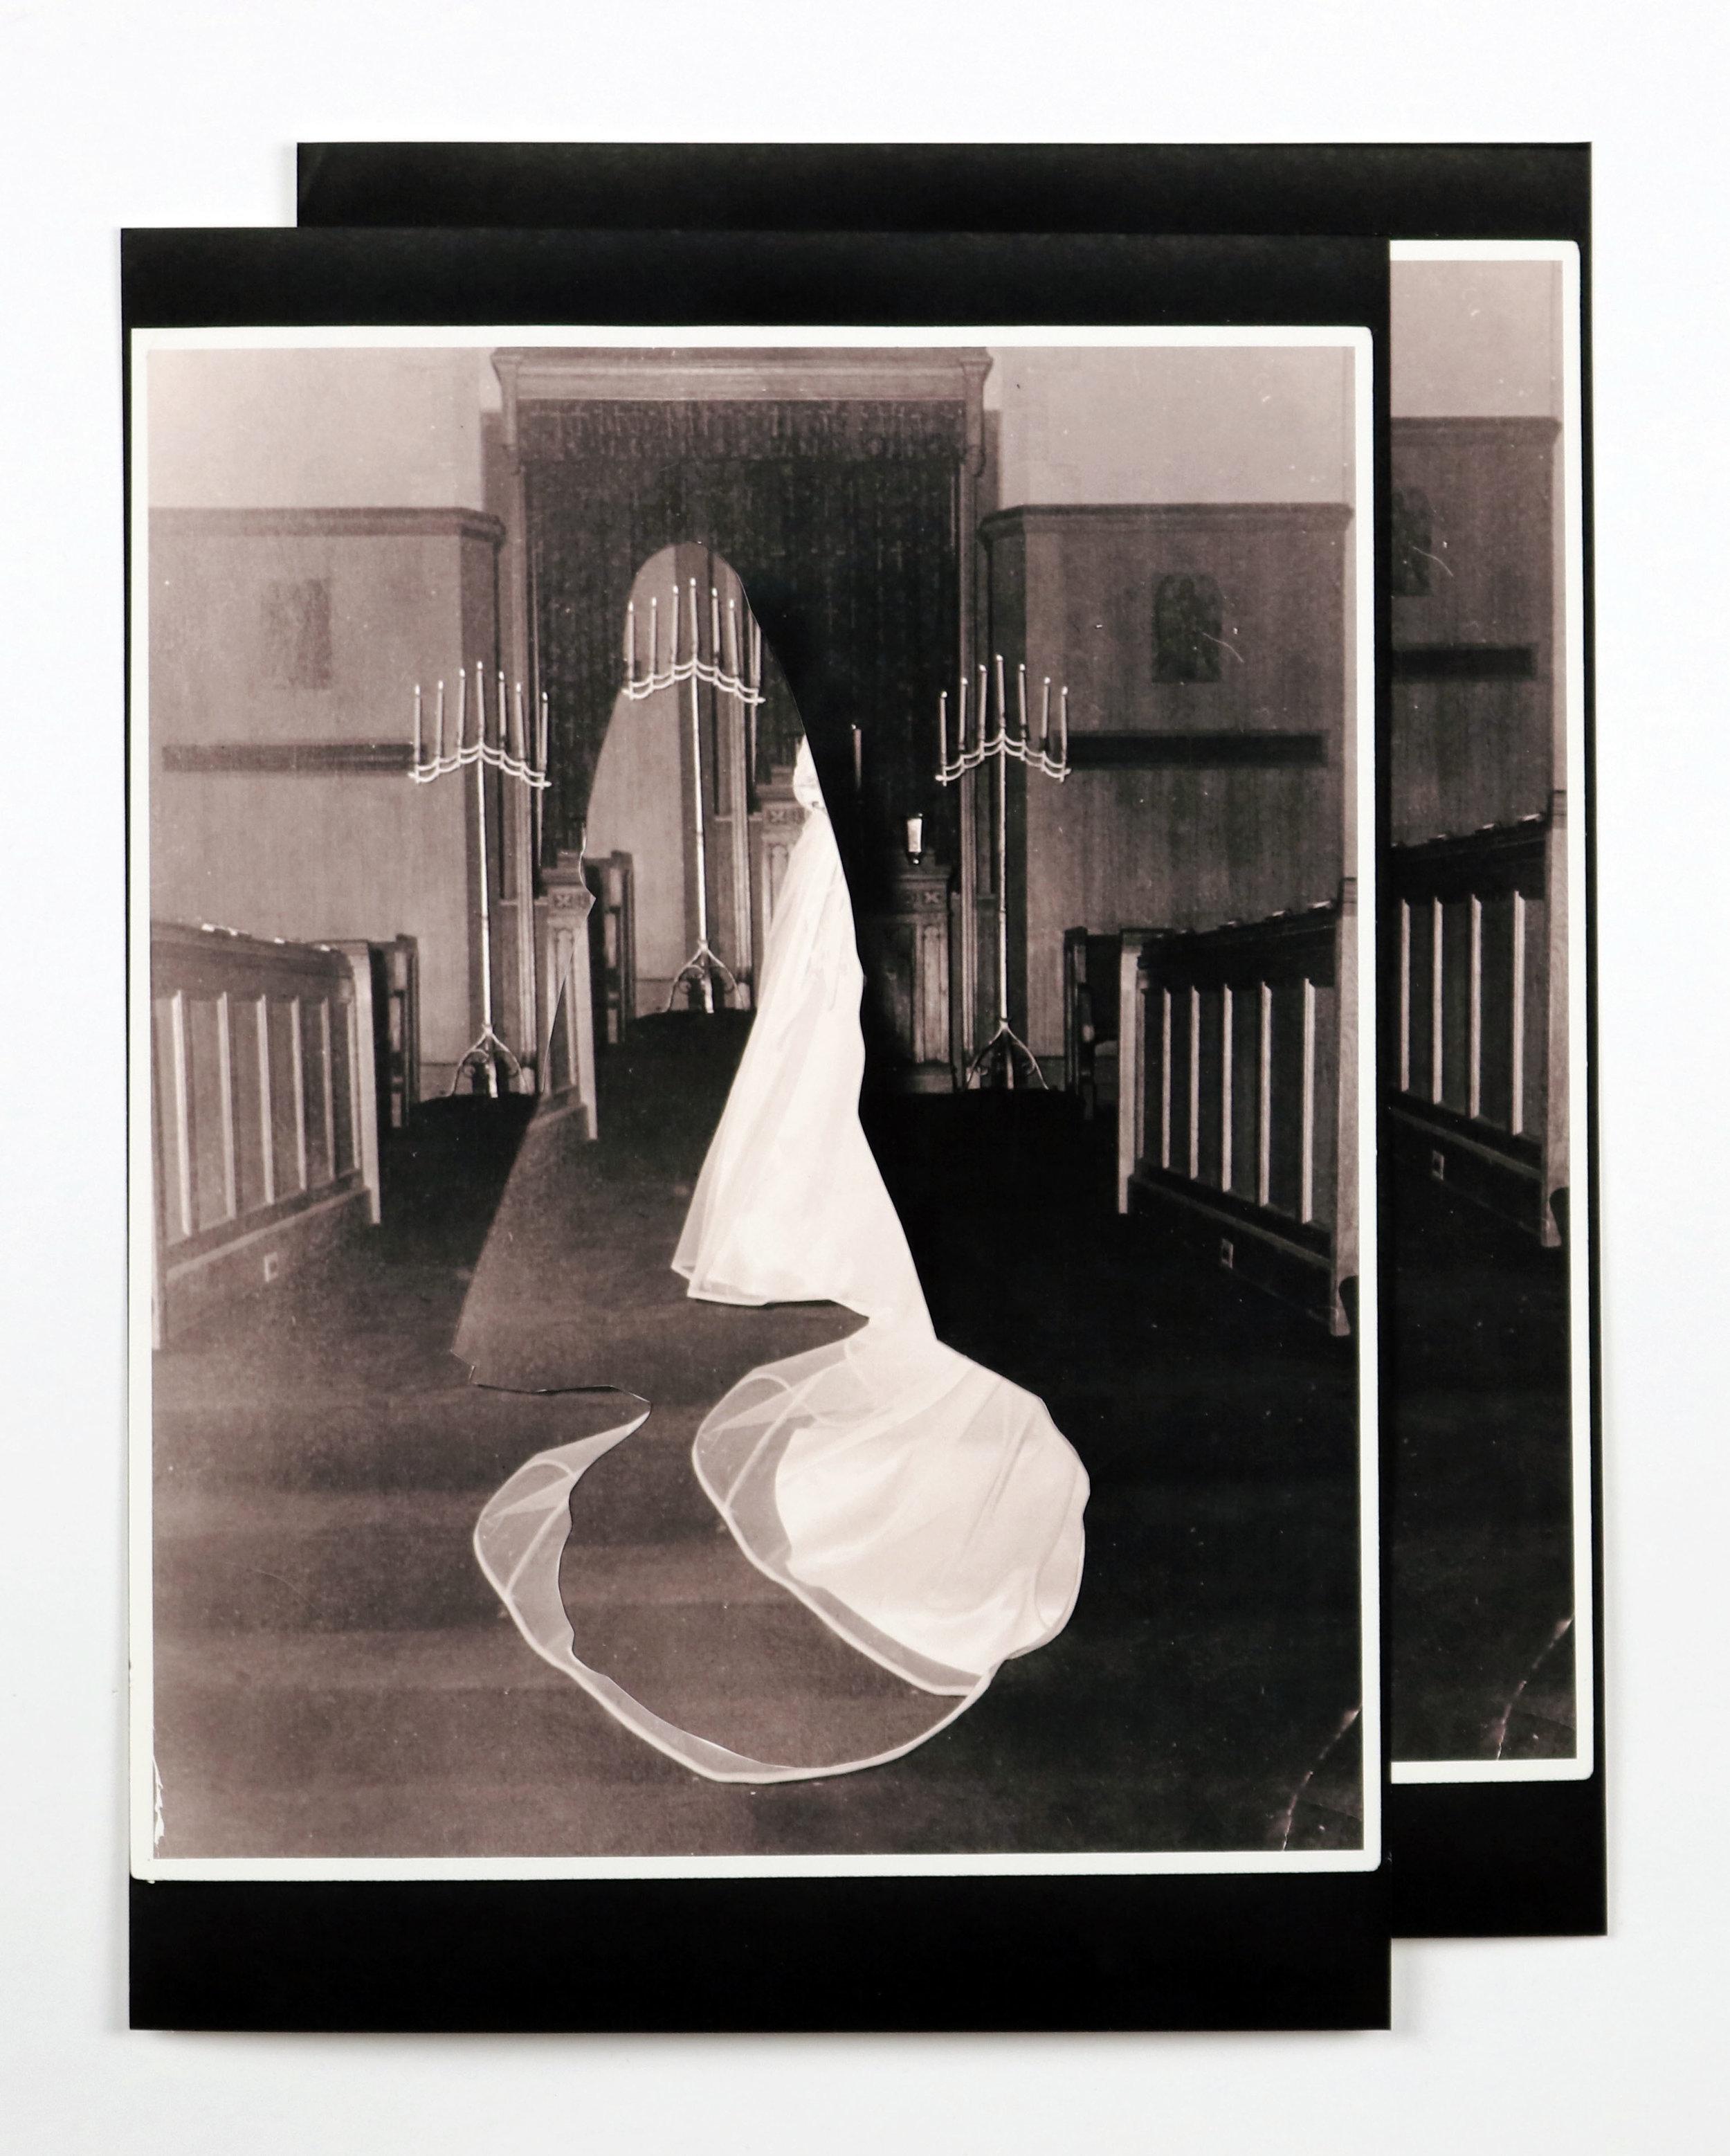 """""""8cm a droite, 3cm vers le haut"""", 10""""x13"""", collage, prints of found images, 2016"""